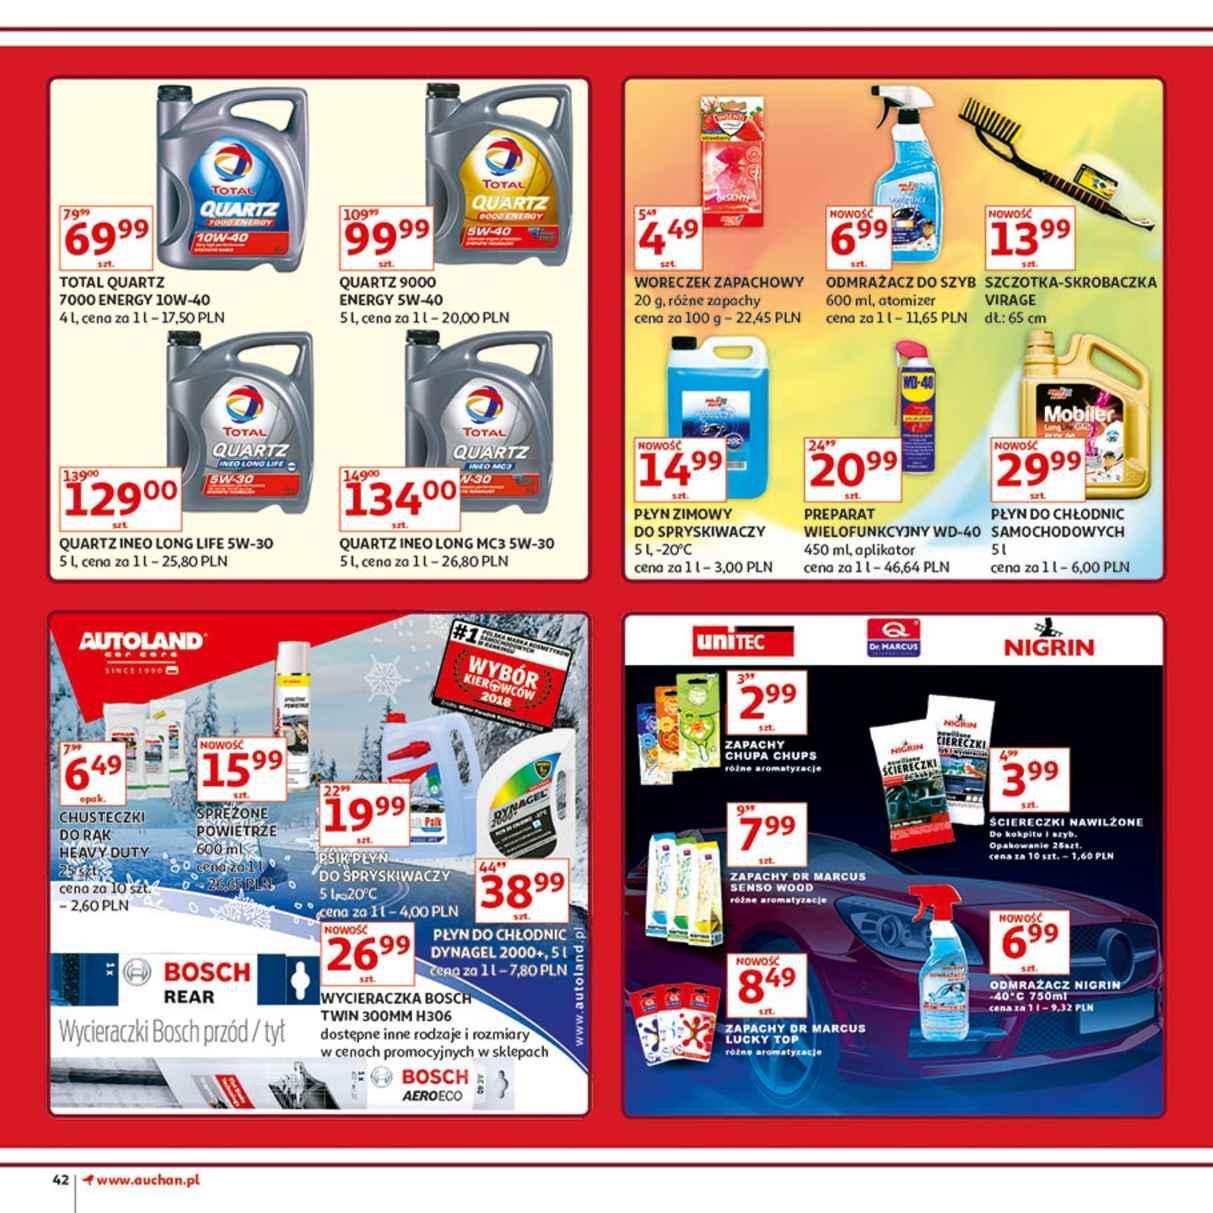 Gazetka promocyjna Auchan do 12/12/2018 str.42